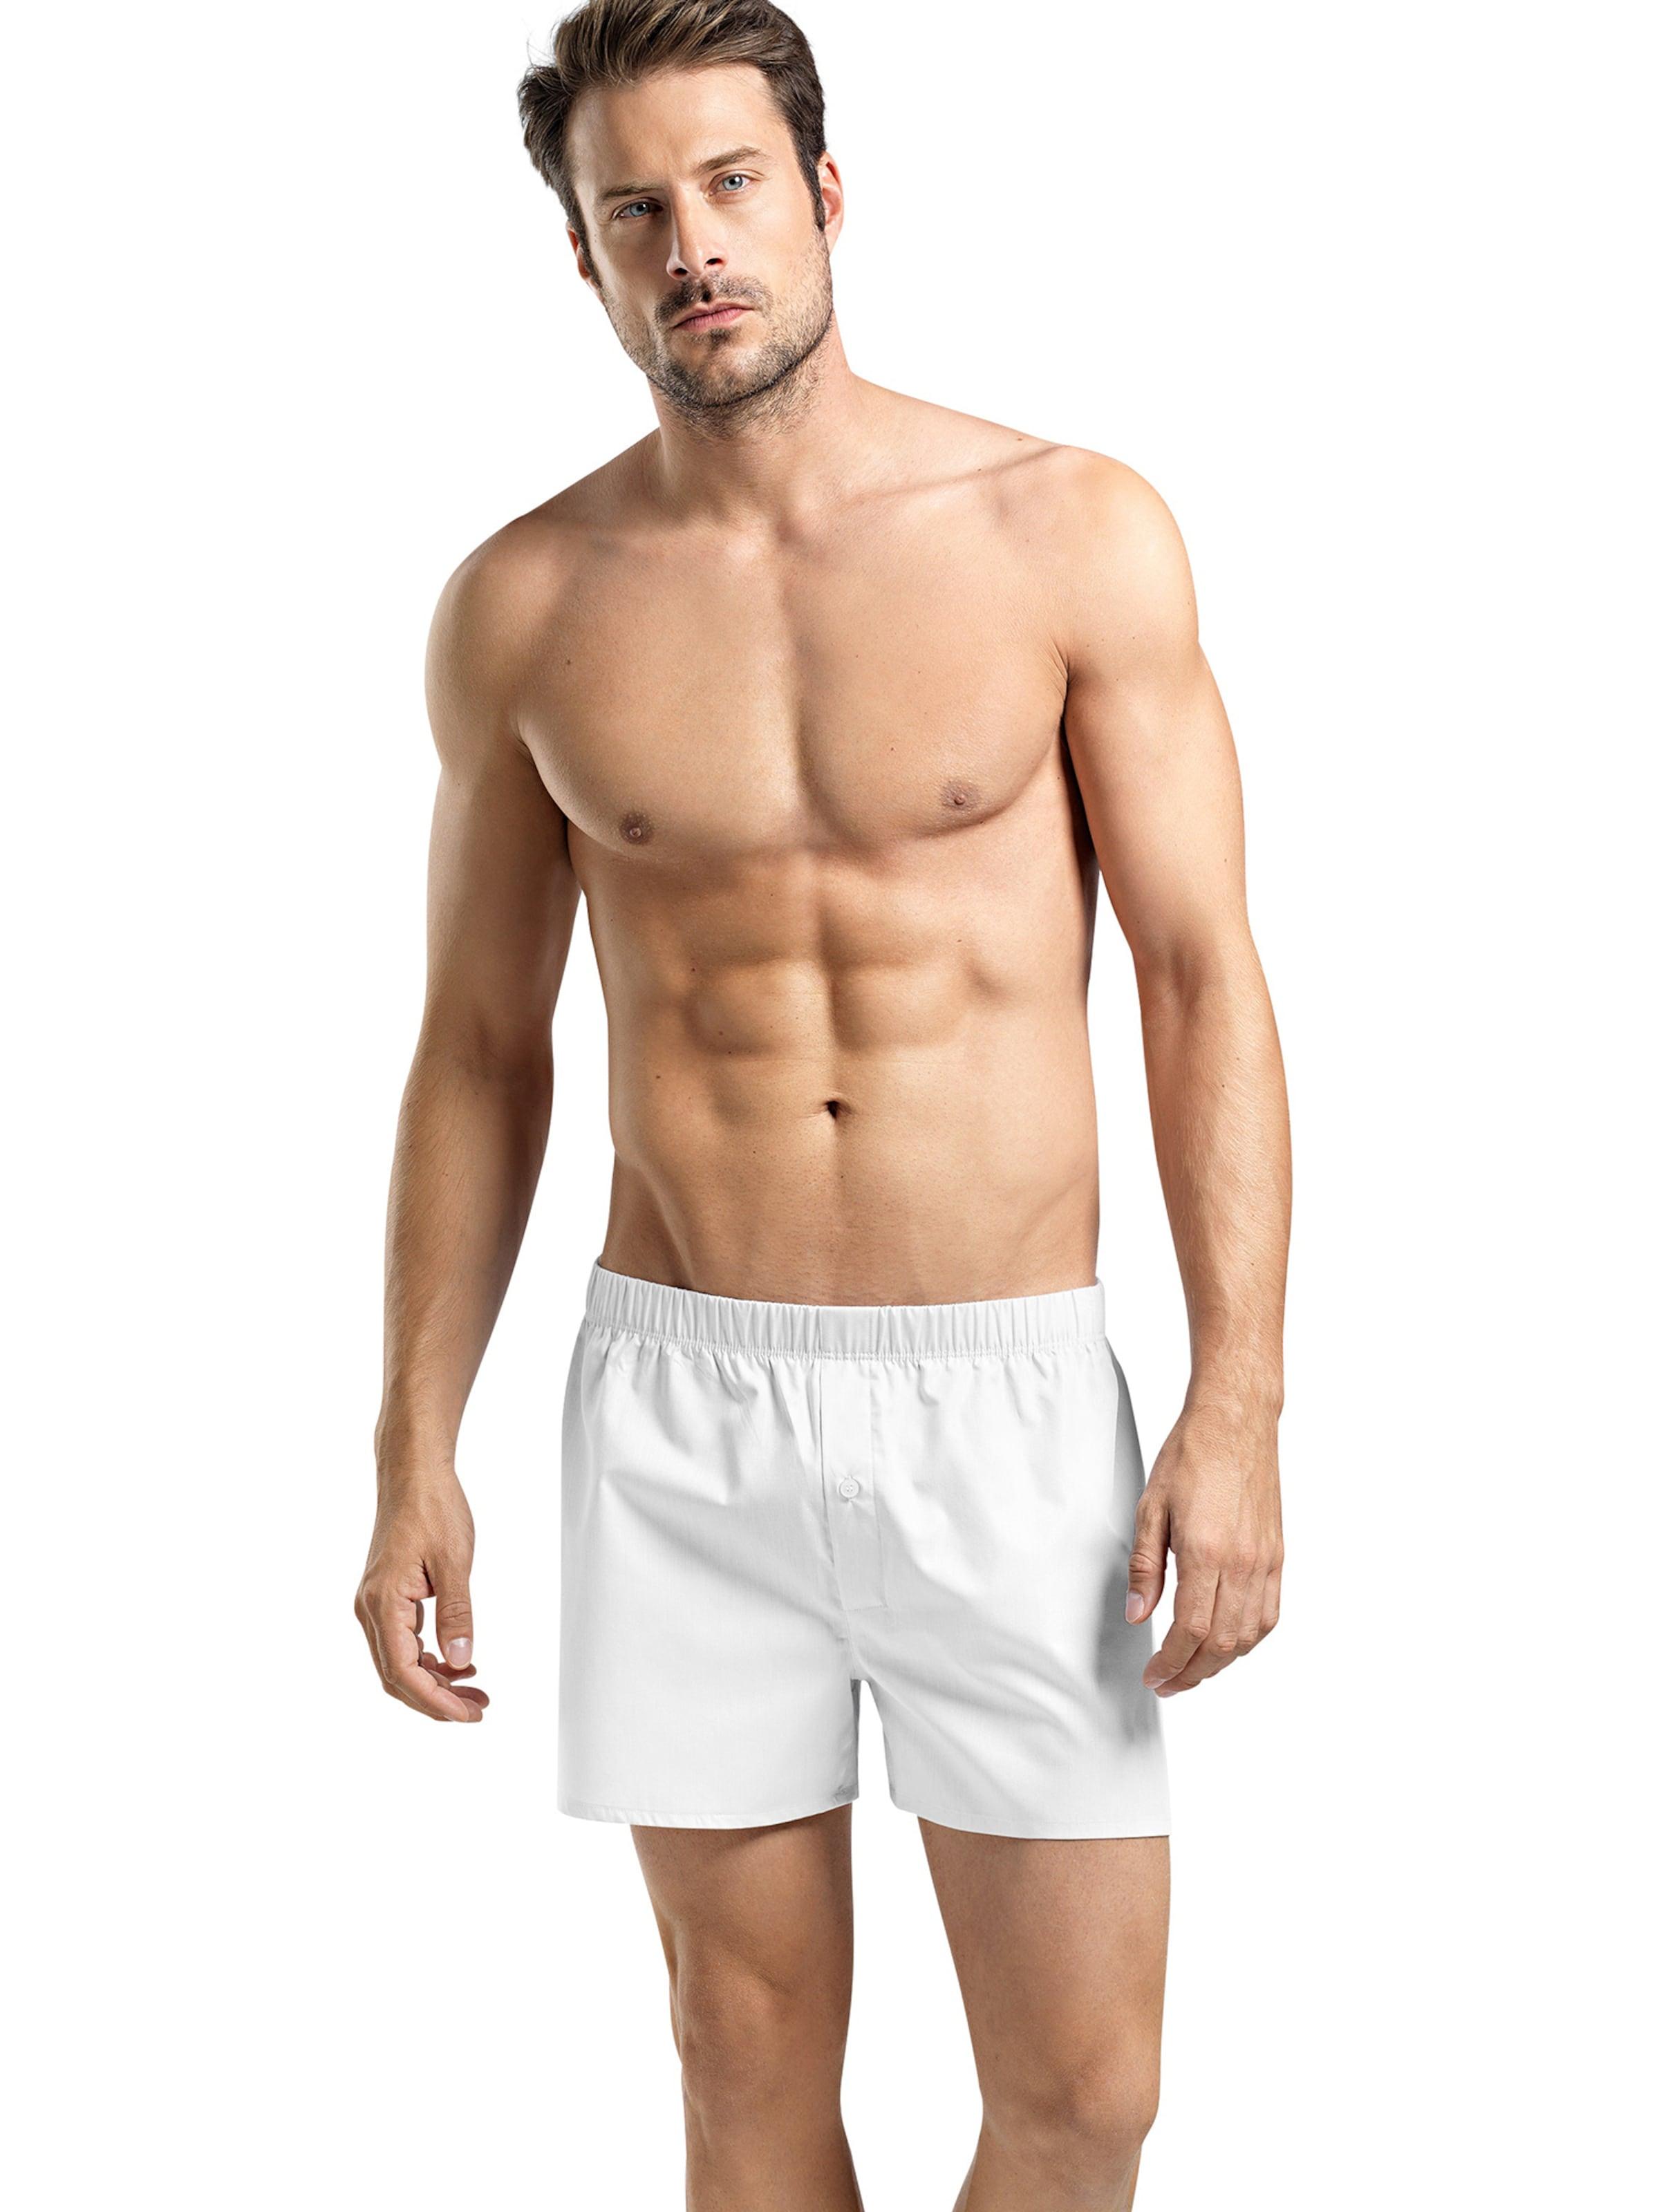 Hanro Boxershorts ' Fancy Woven ' in weiß Unifarben 45260